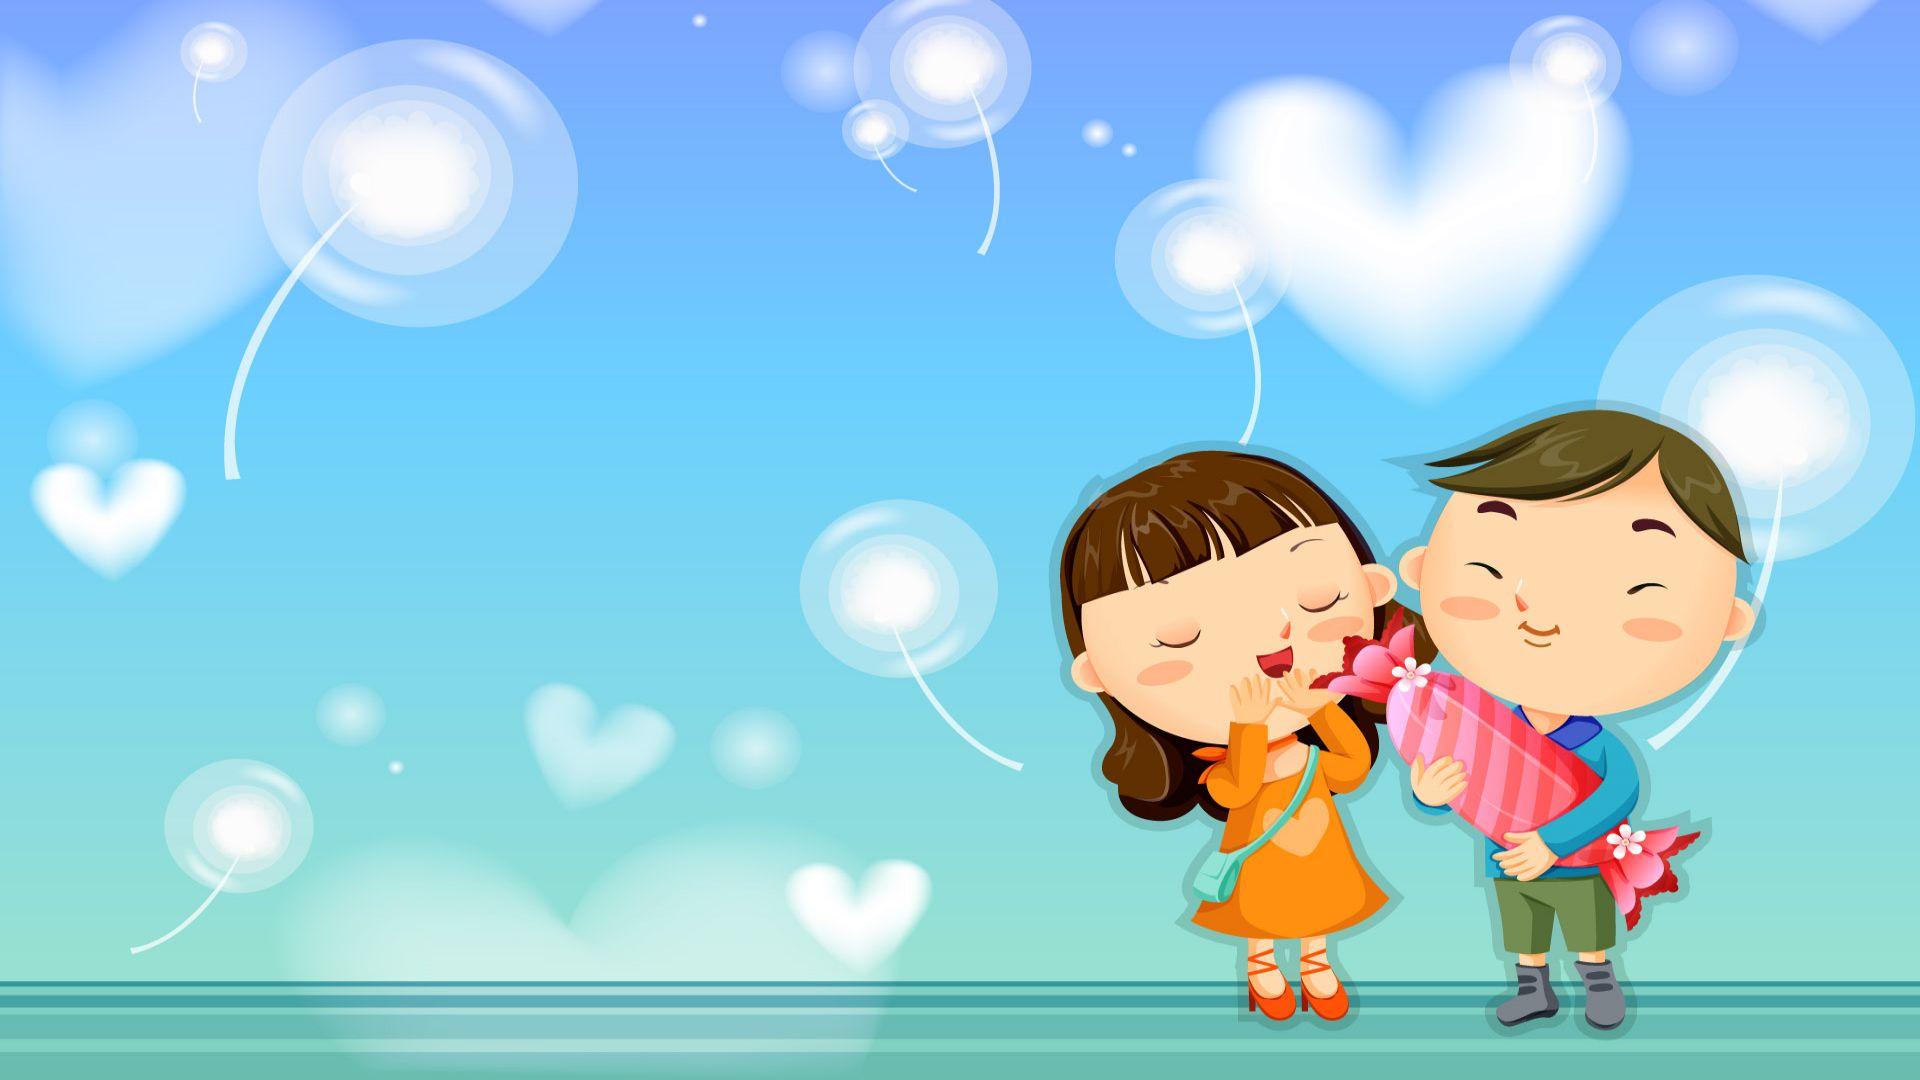 Romantic Love Cartoons